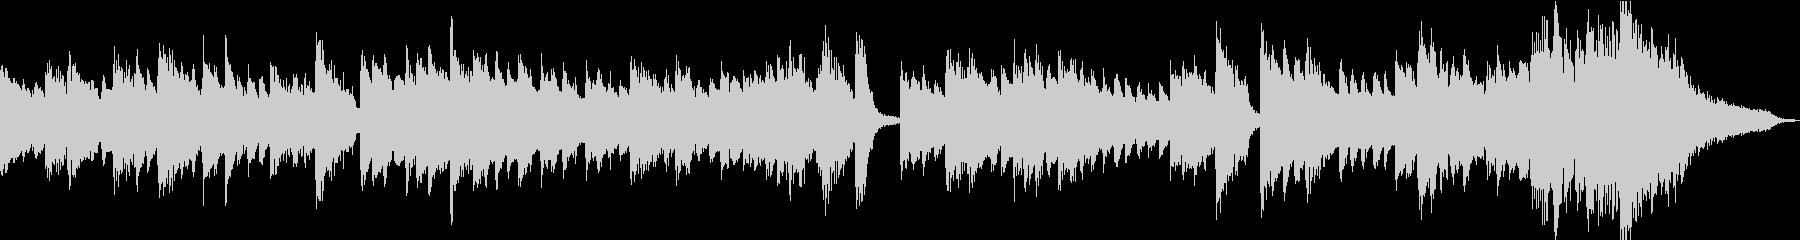 【ほのぼの系】30秒ピアノソロ【ループ】の未再生の波形